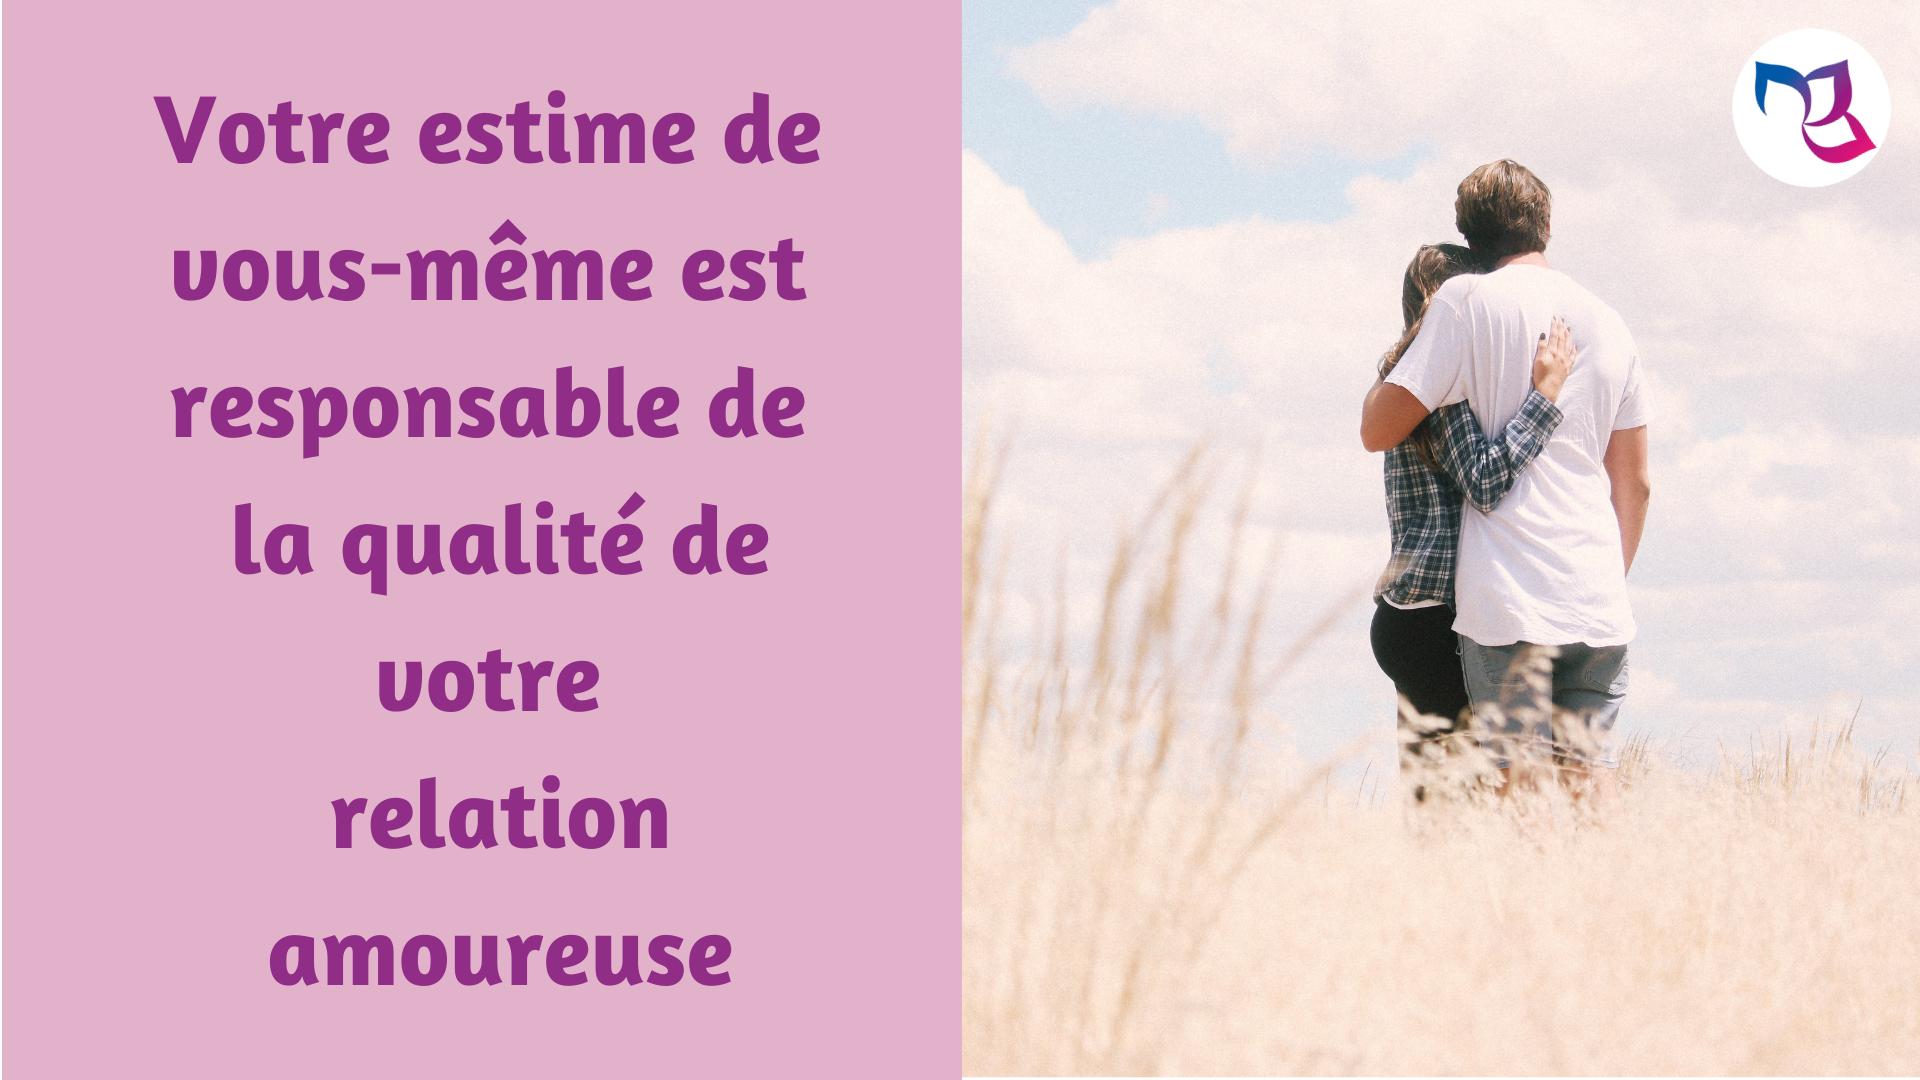 Votre estime de vous-même est responsable de la qualité de votre relation amoureuse